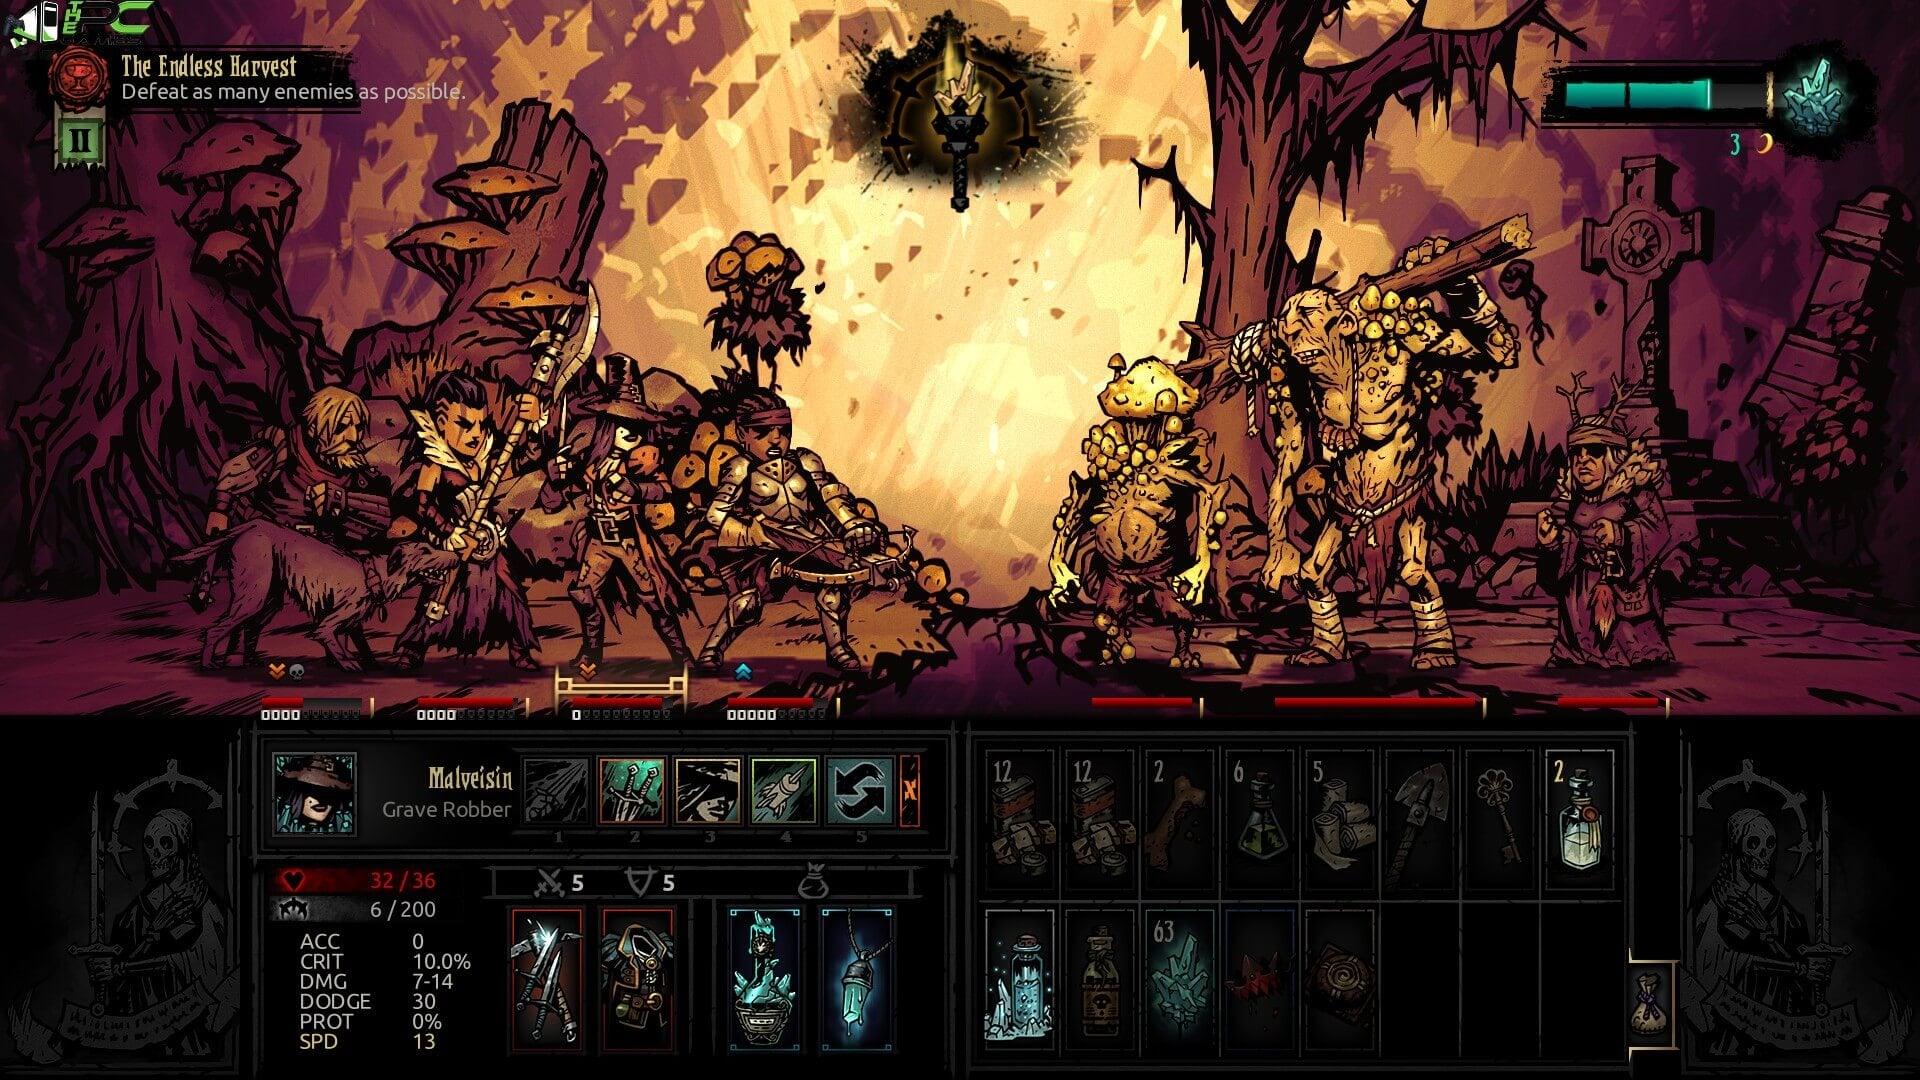 Play darkest dungeon free